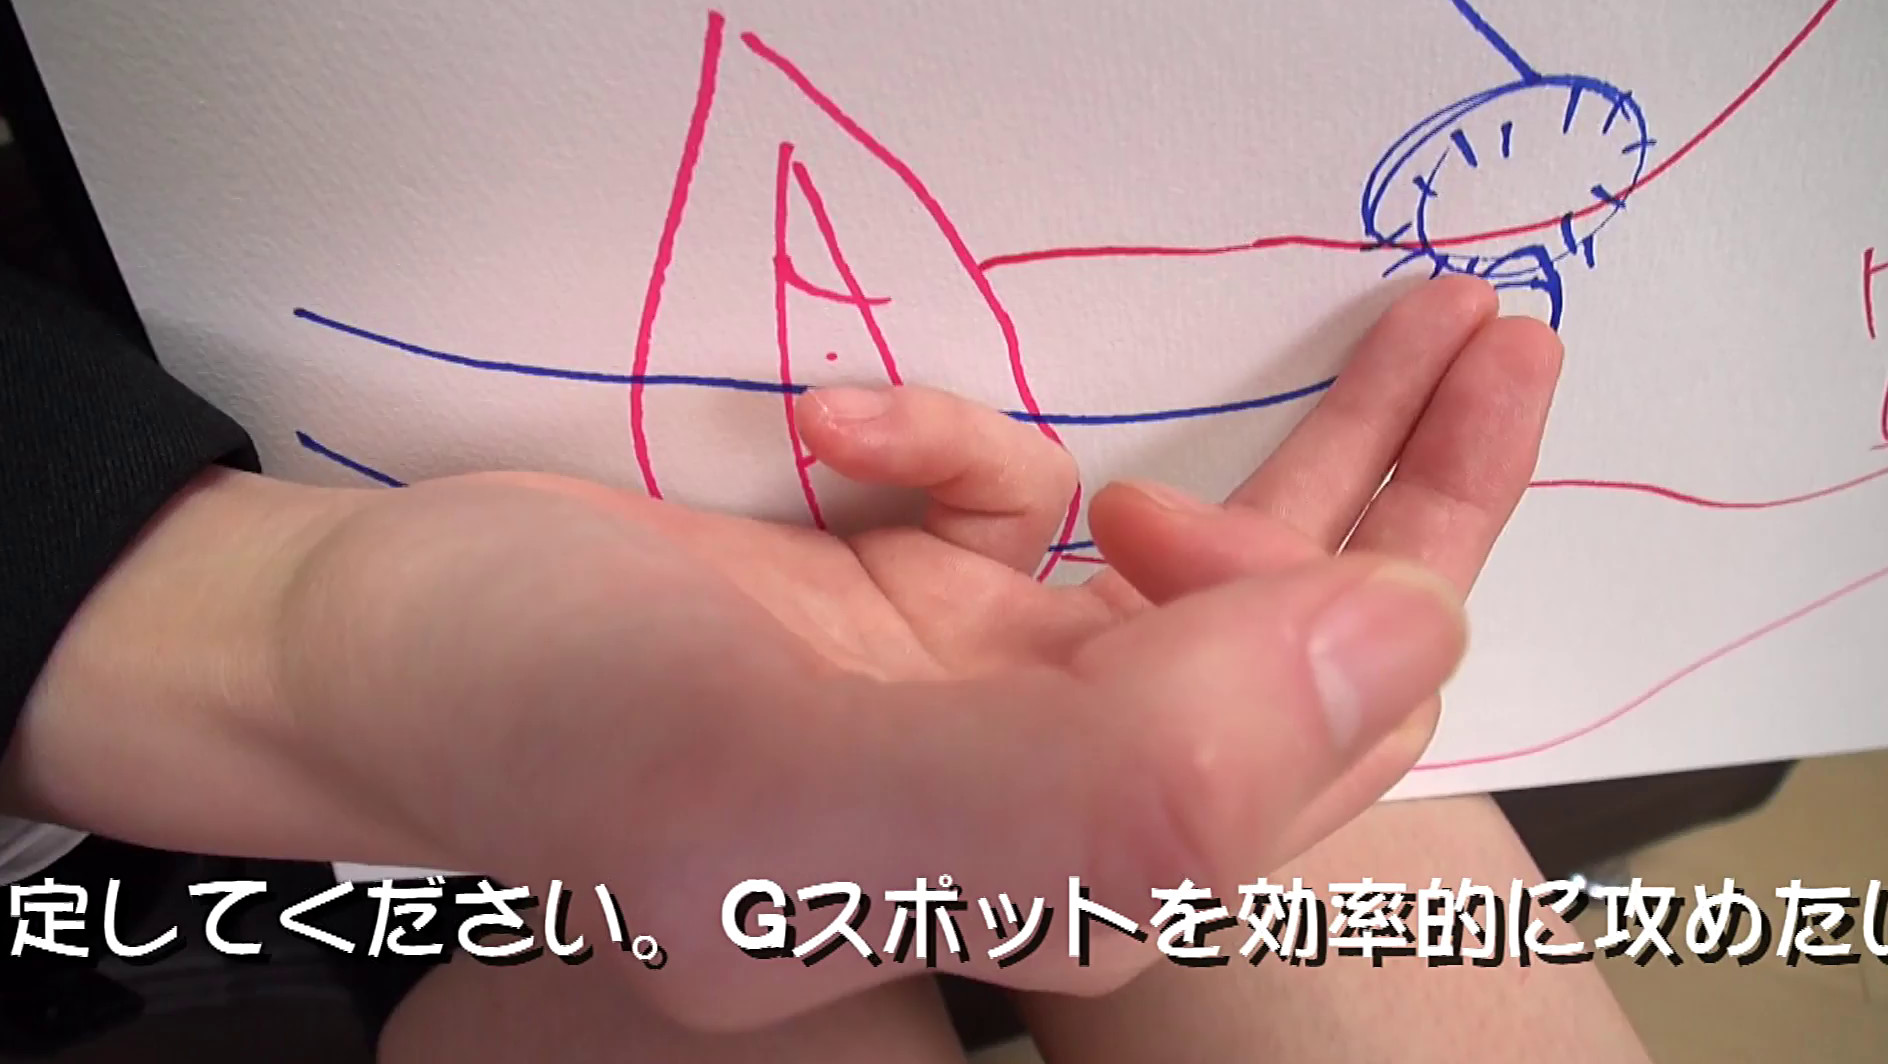 浜崎真緒先生の誰でも簡単!潮吹き講座 画像8